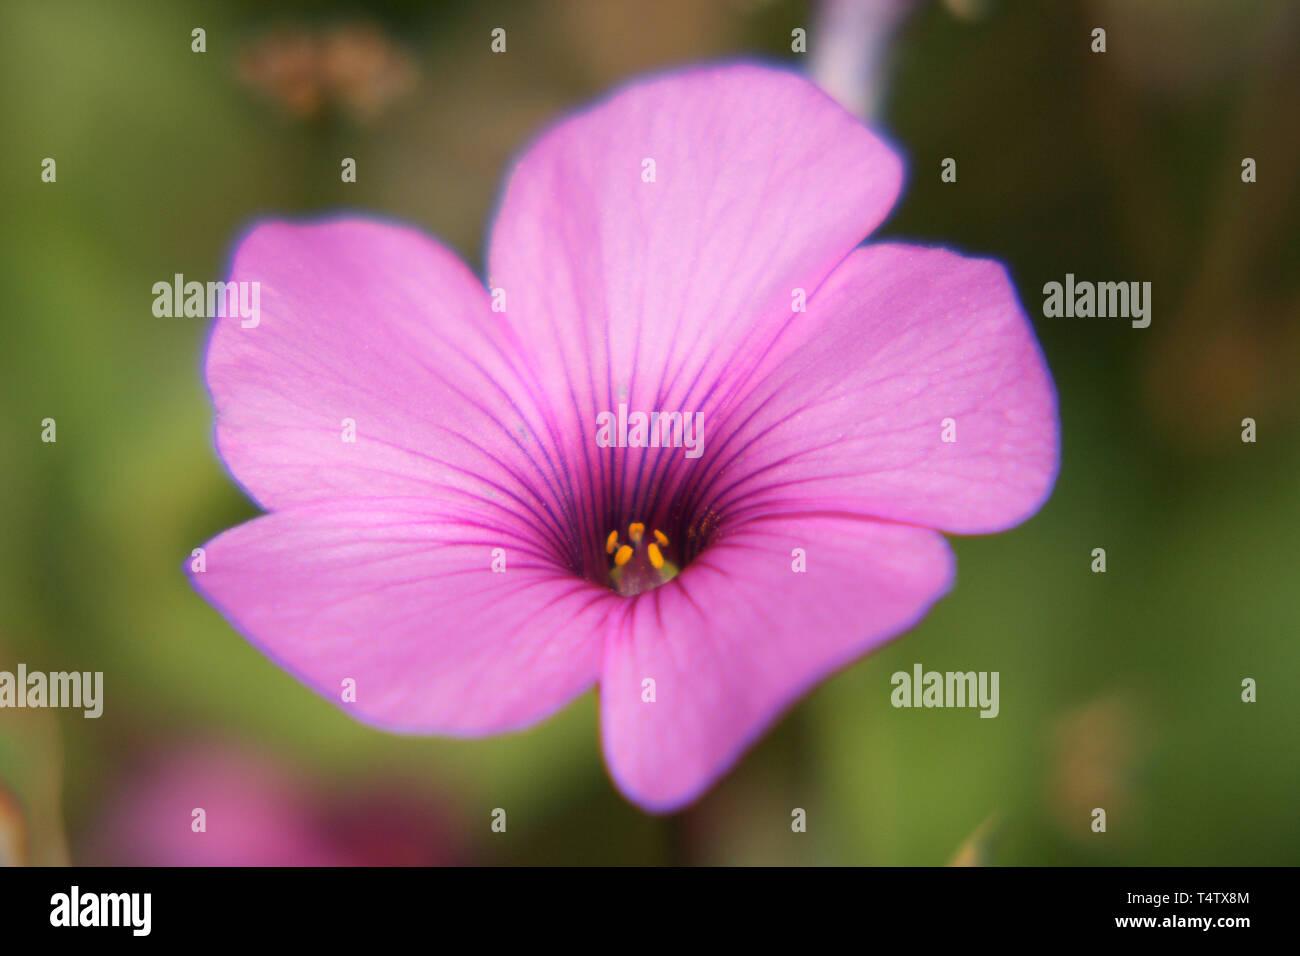 The petunia (Petunia) are a genus of the family SolanaceaeDie Petunien (Petunia) sind eine Gattung der Familie der Nachtschattengewächse Stock Photo